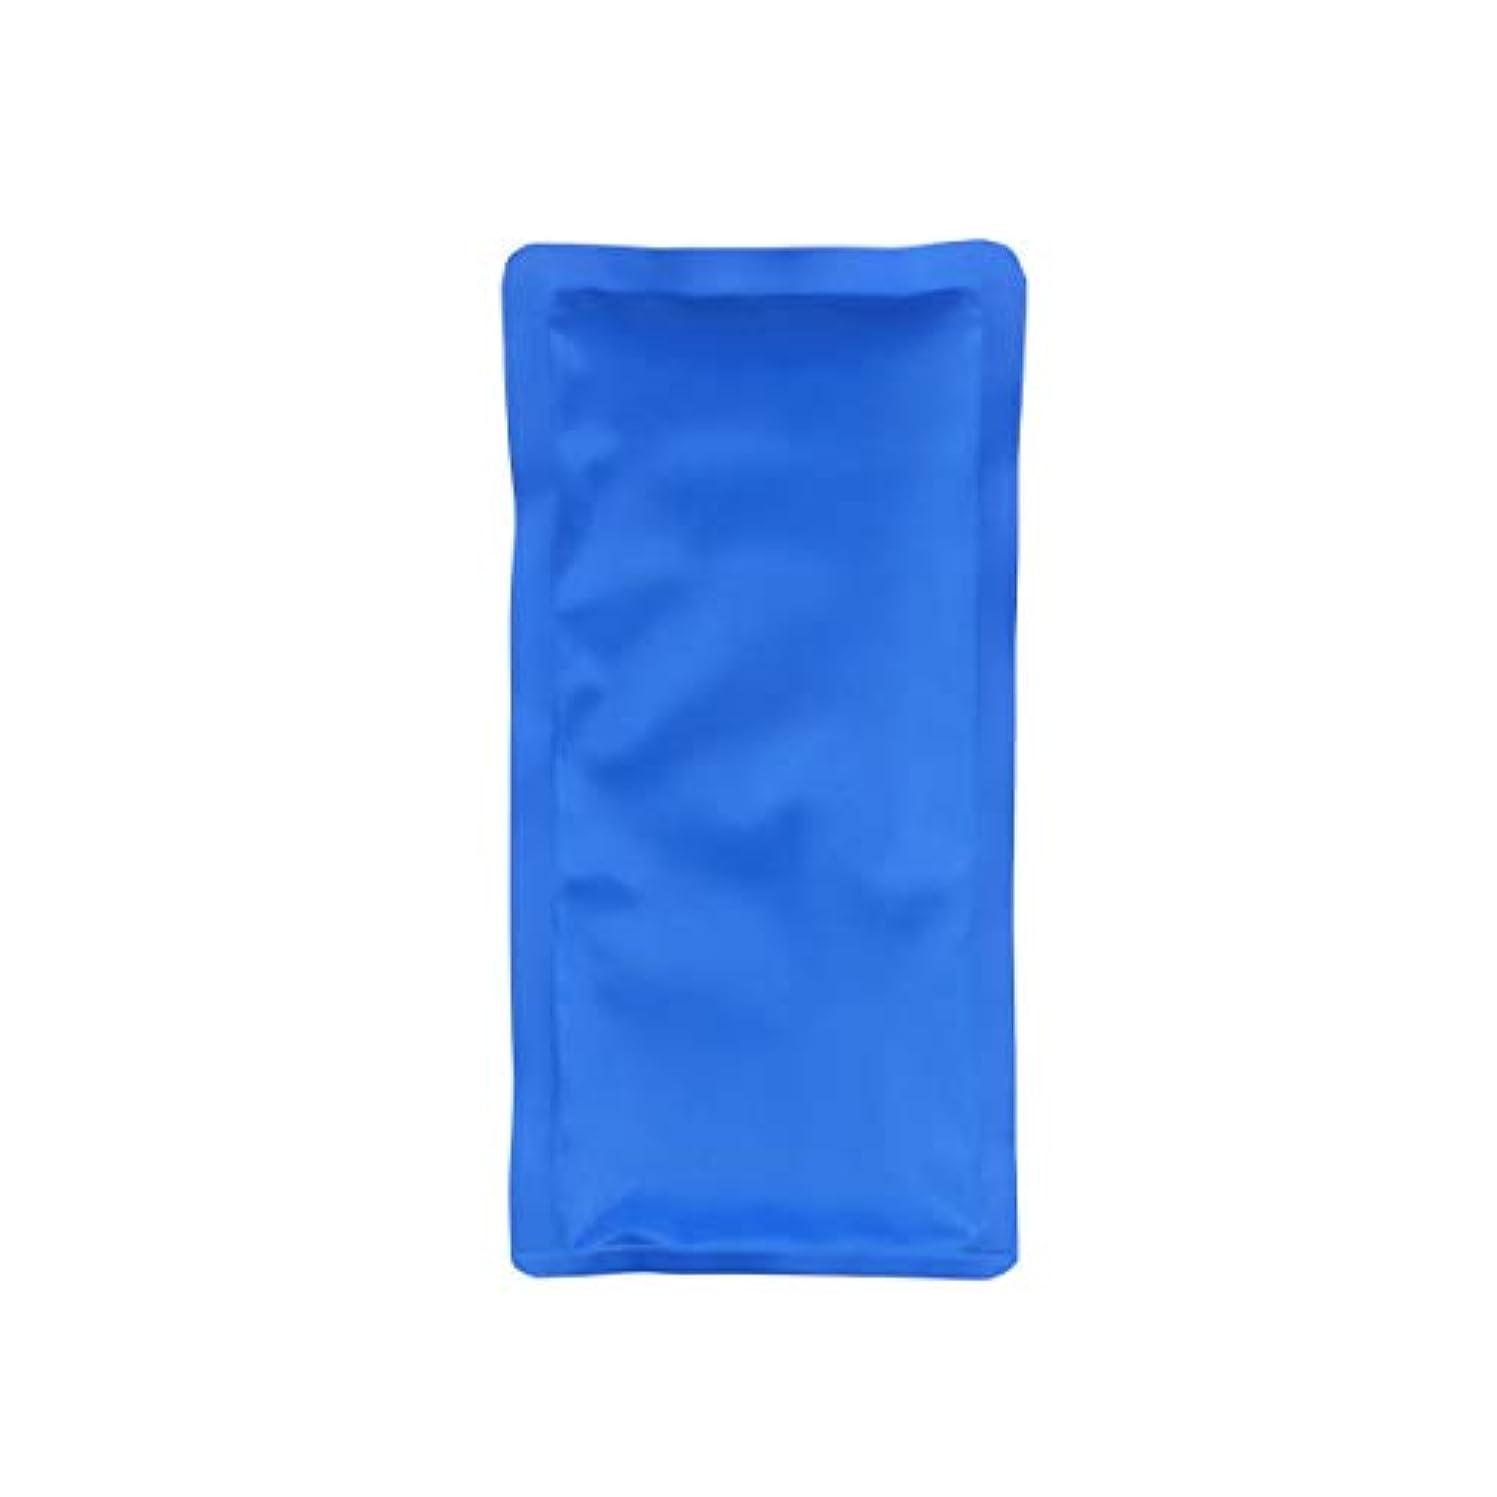 落胆する蘇生する仕える傷害の子供および大人350MLのための熱い冷たいゲルのアイスパックの圧縮の覆い